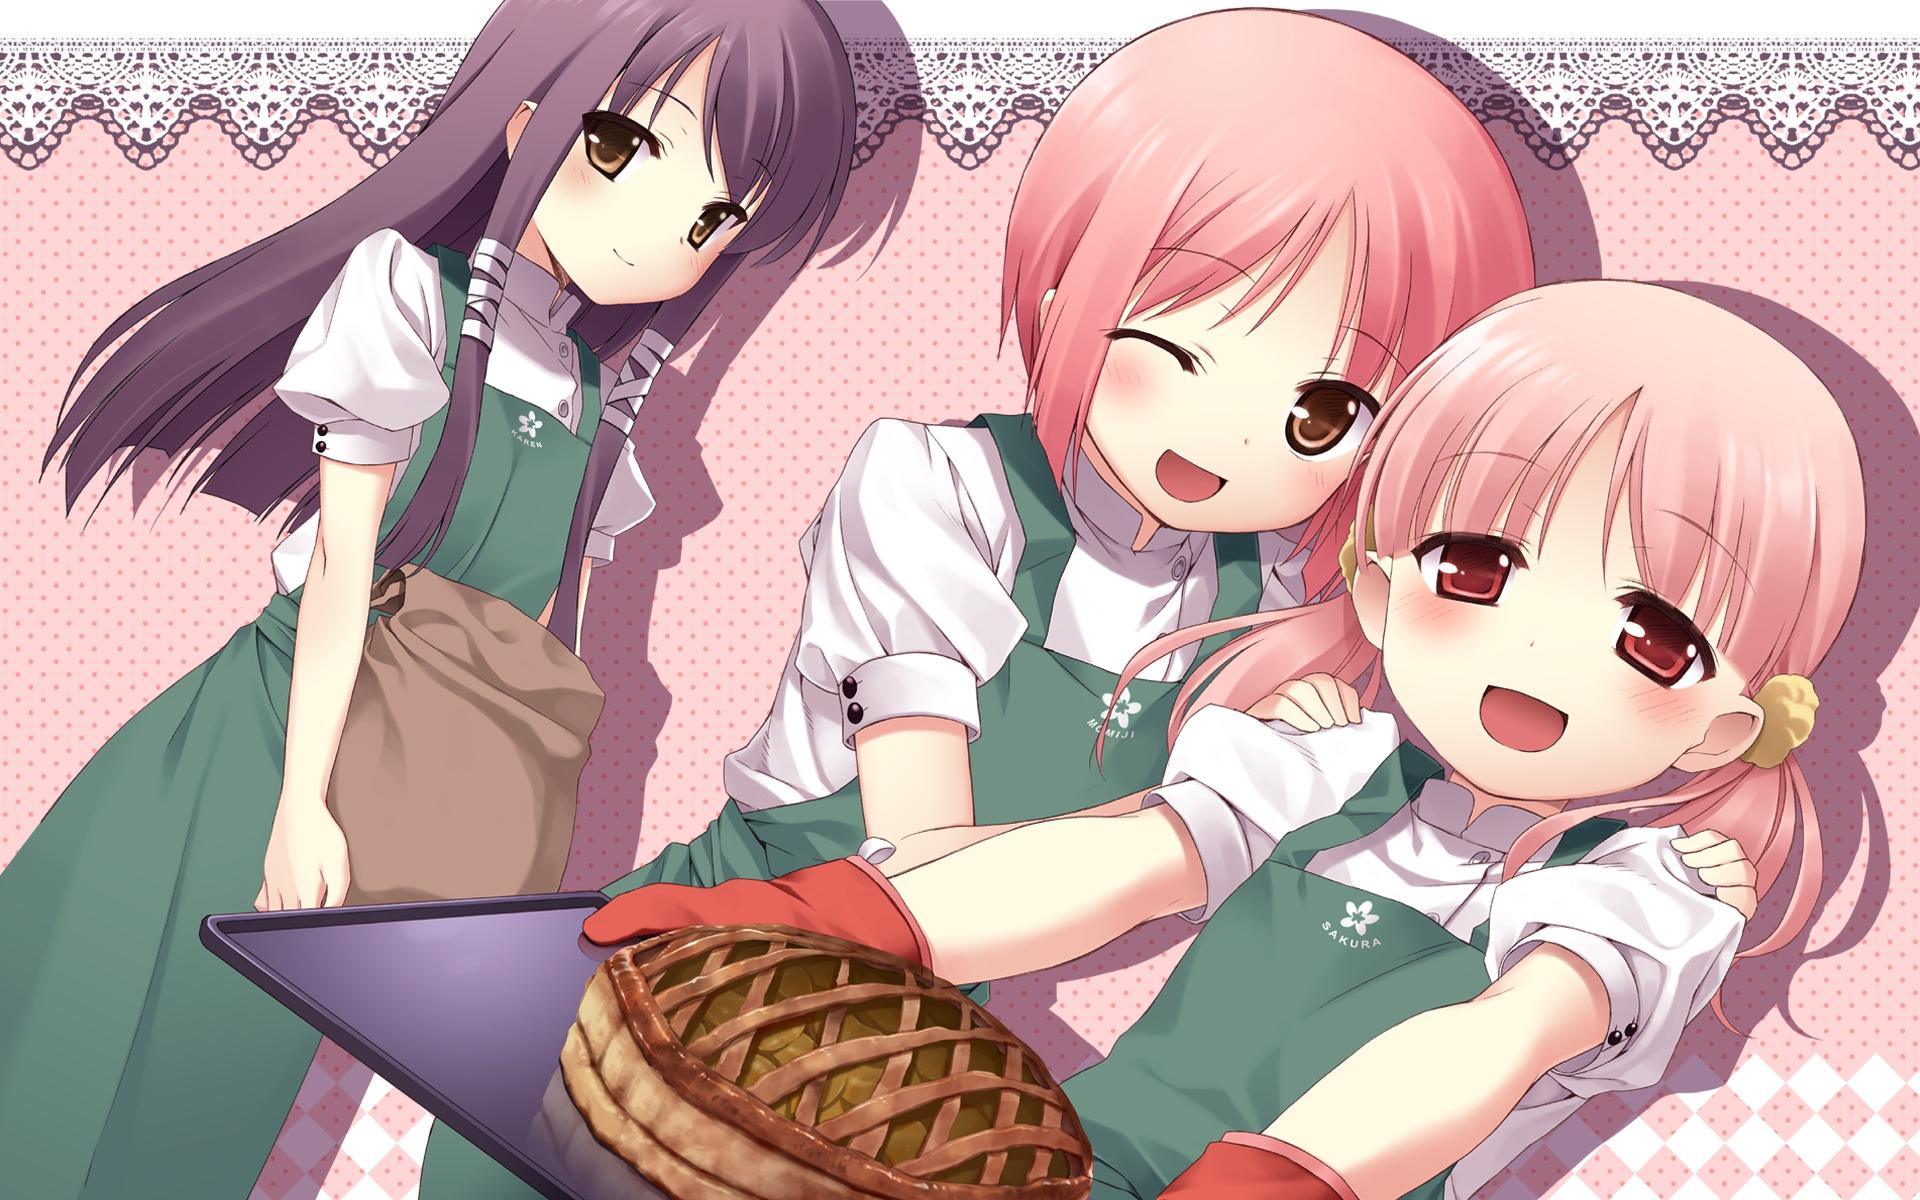 akino_momiji apron b.k blush food gloves kiriyama_sakura sakura_musubi sera_karen wink